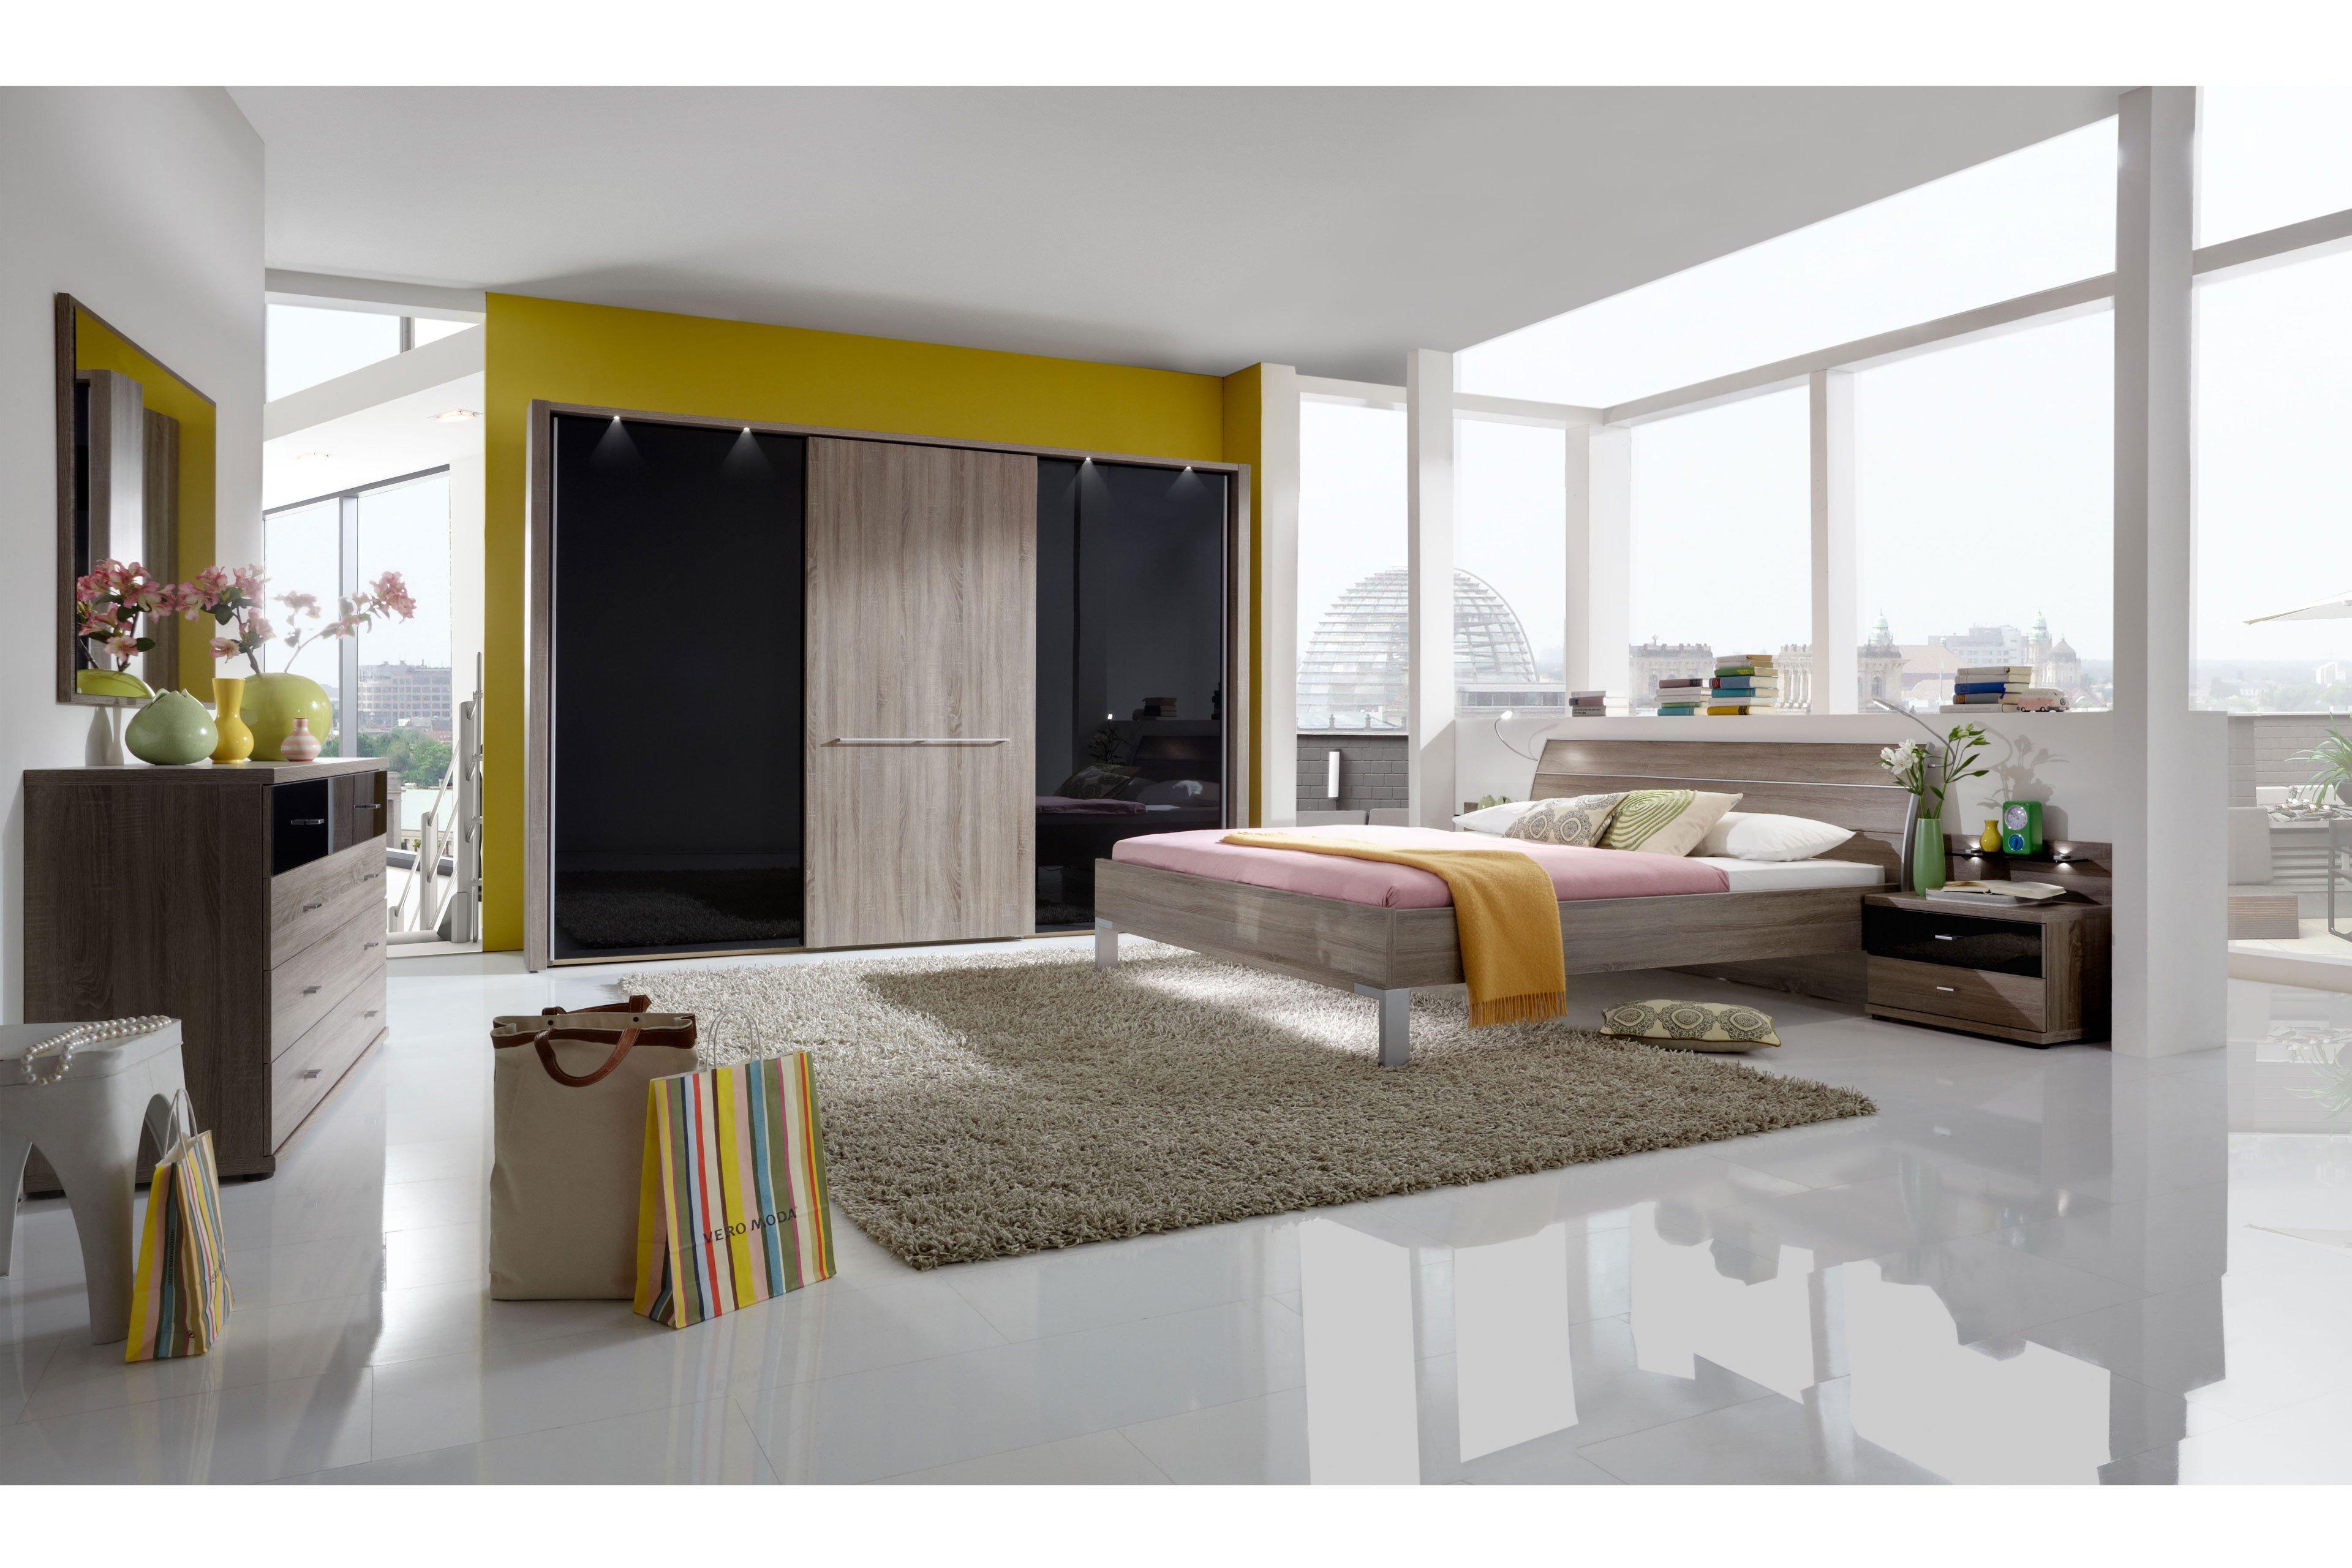 schlafzimmer treviso von wiemann in tr ffel eiche m bel. Black Bedroom Furniture Sets. Home Design Ideas